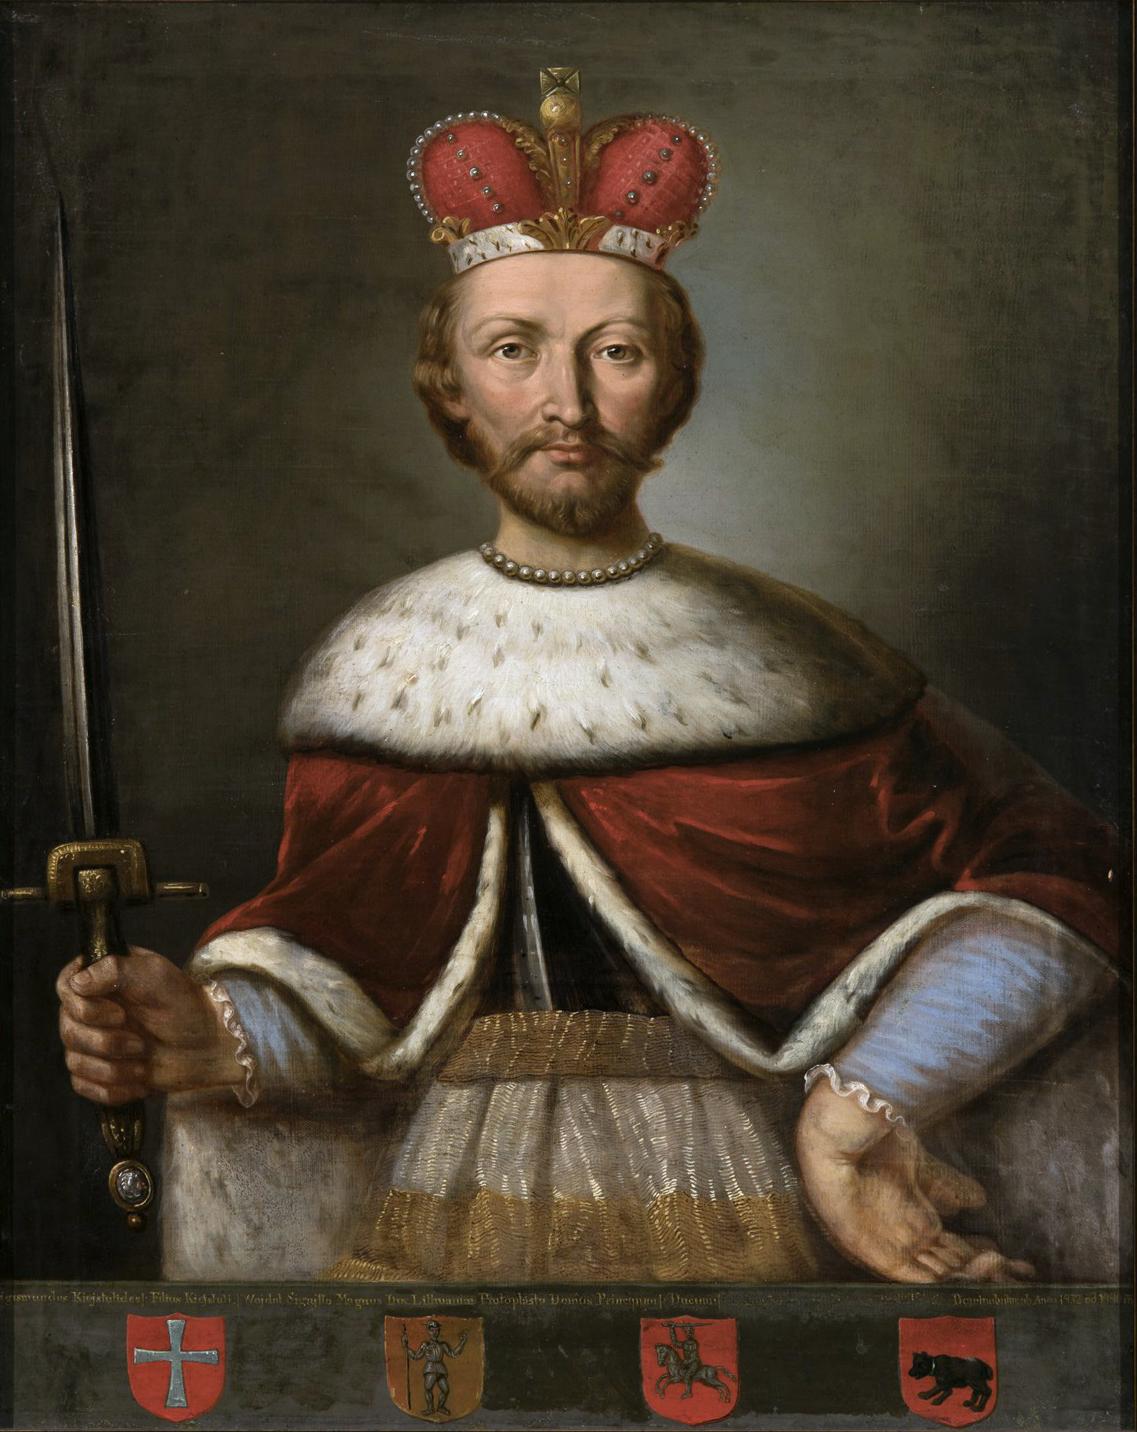 Zygmunt Kiejstutowicz